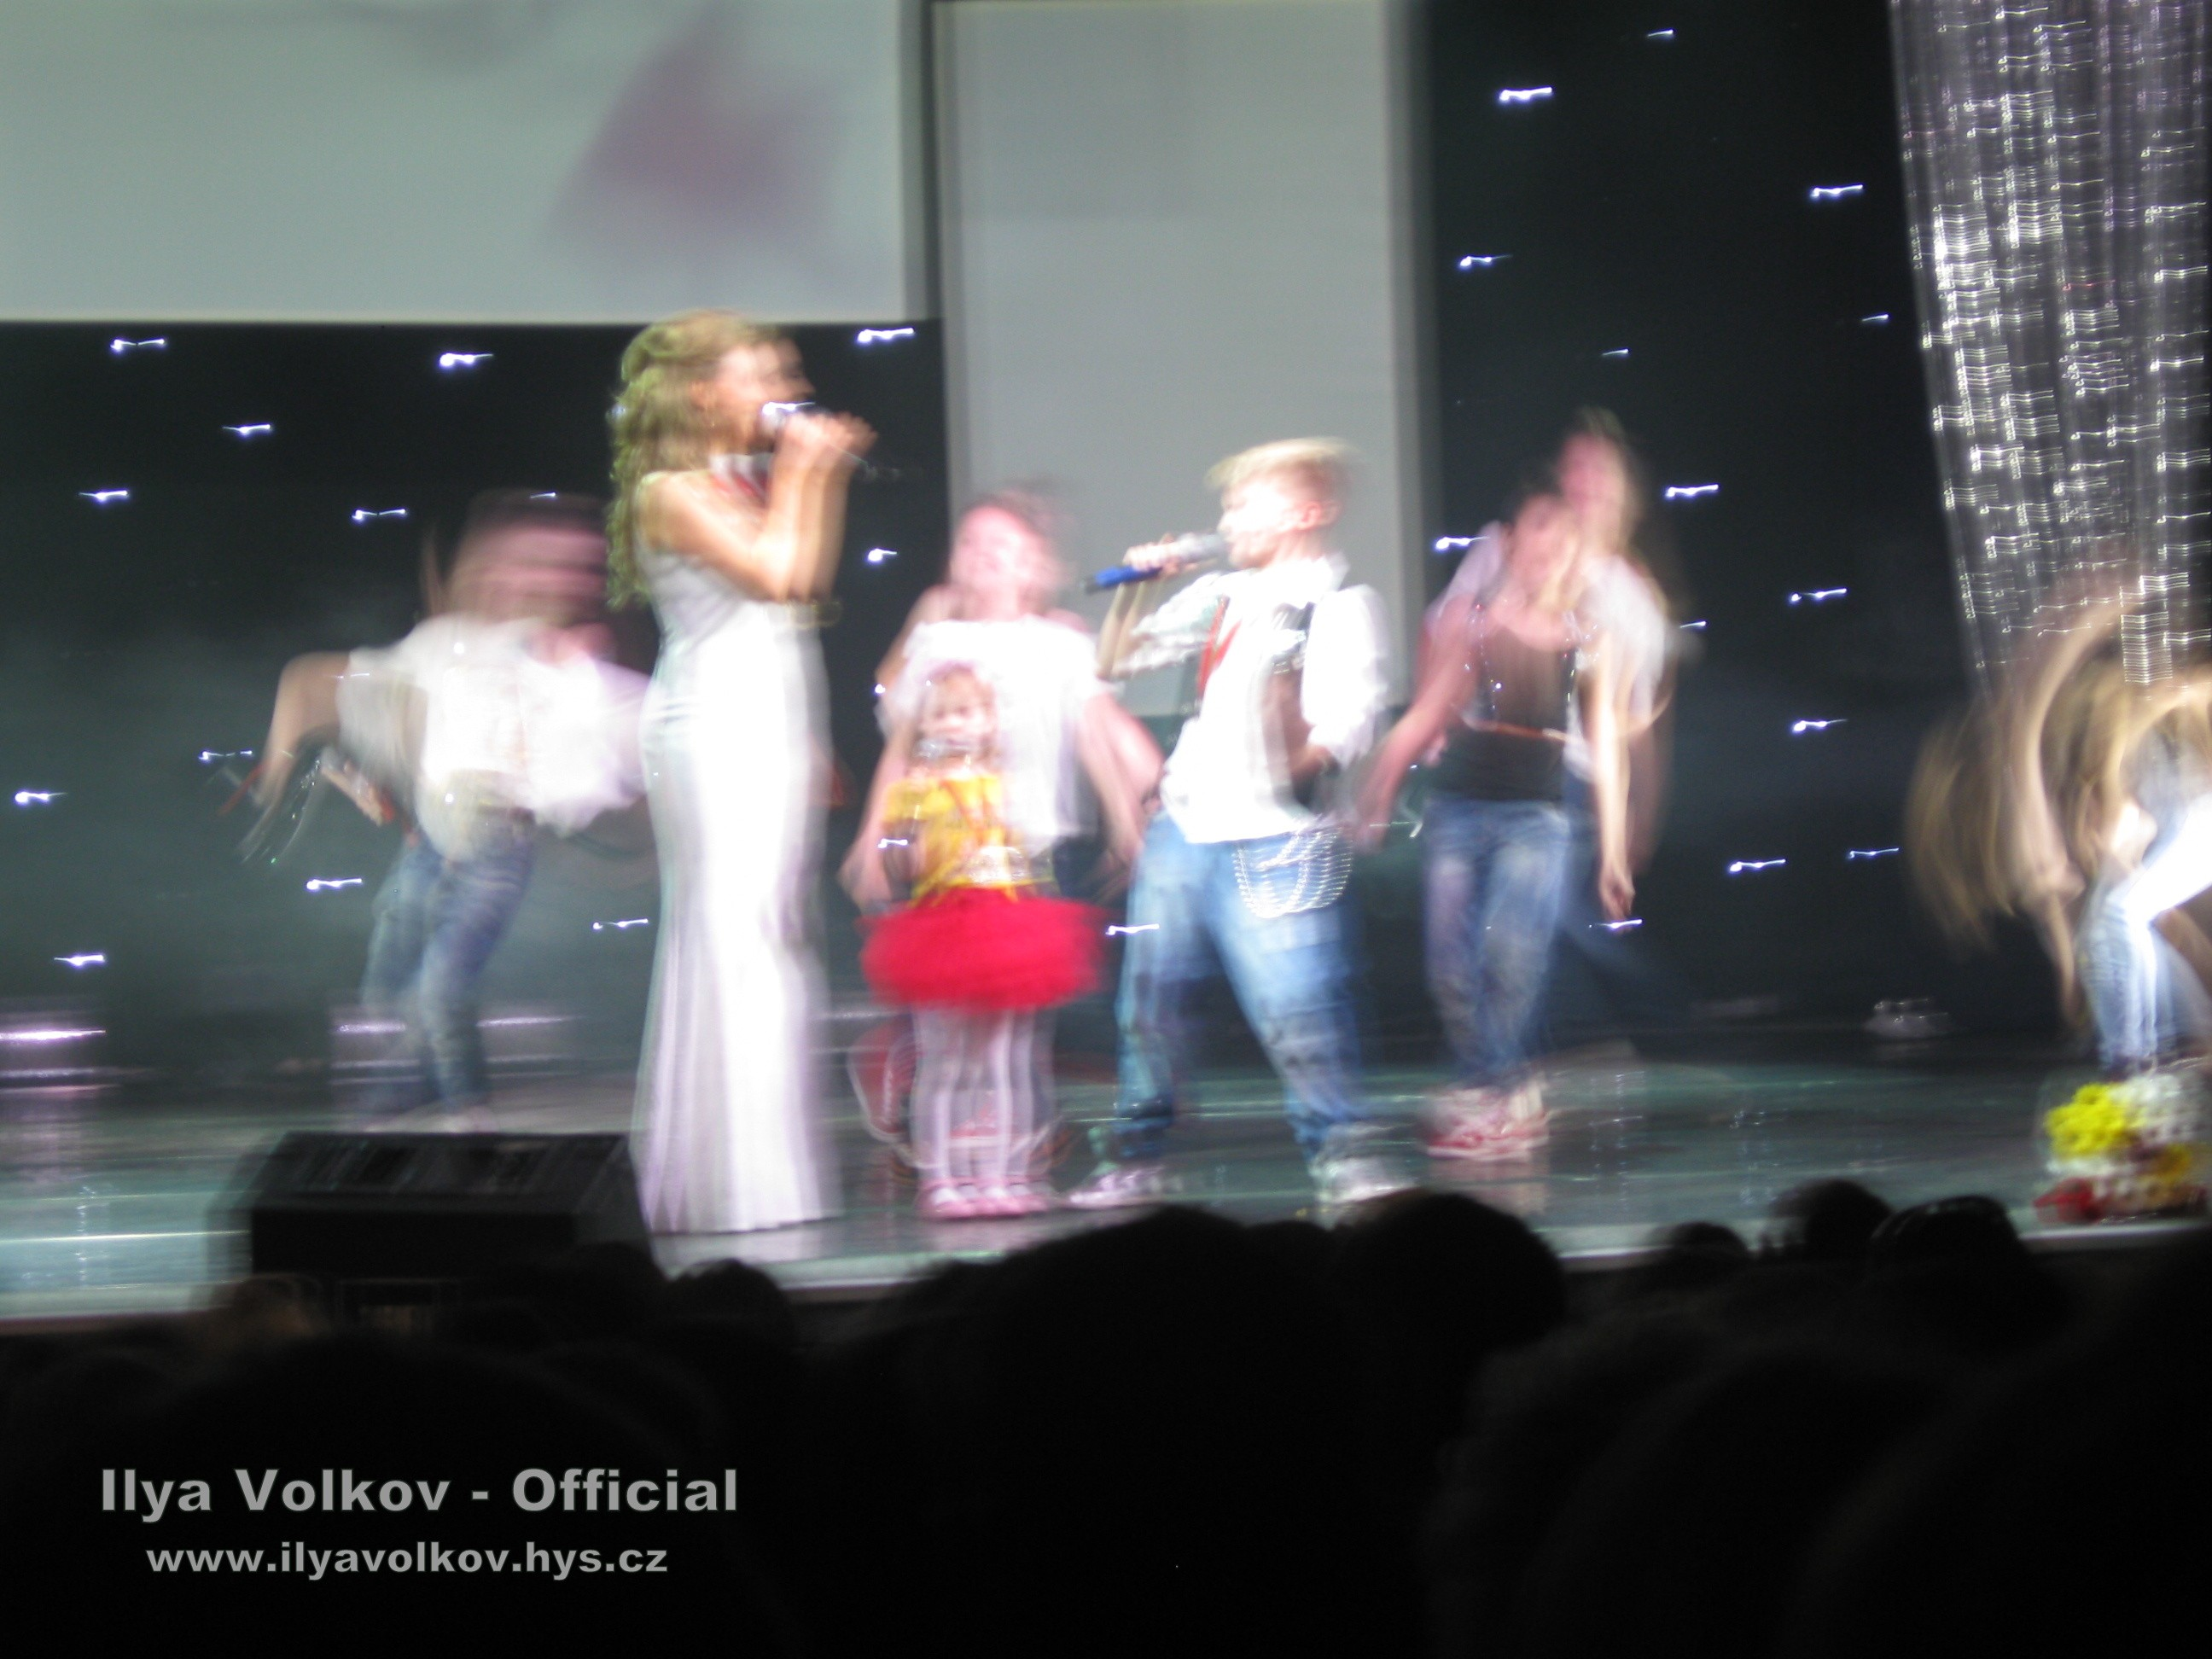 Ilya Volkov - Concert with JANET 2014  (21)